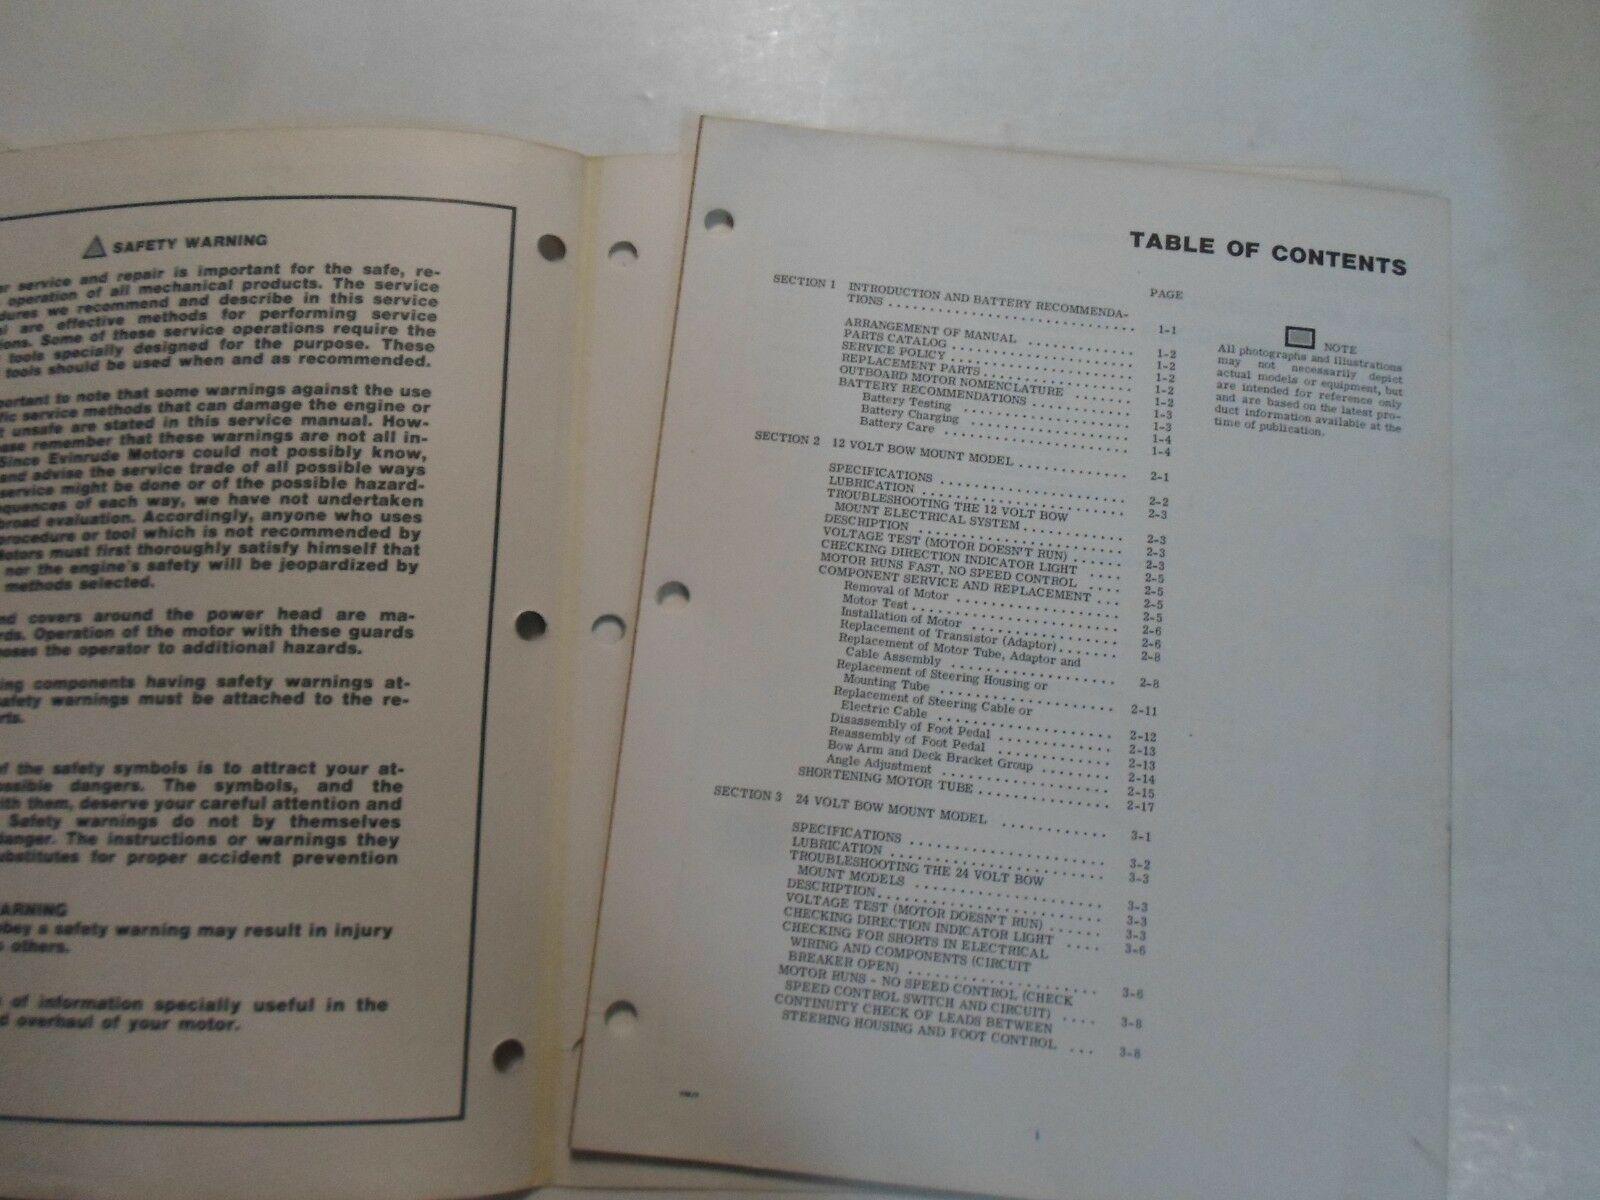 1977 Evinrude Service Shop Repair Manual Electric EB 52 54 82 84 OEM Boat WORN image 3